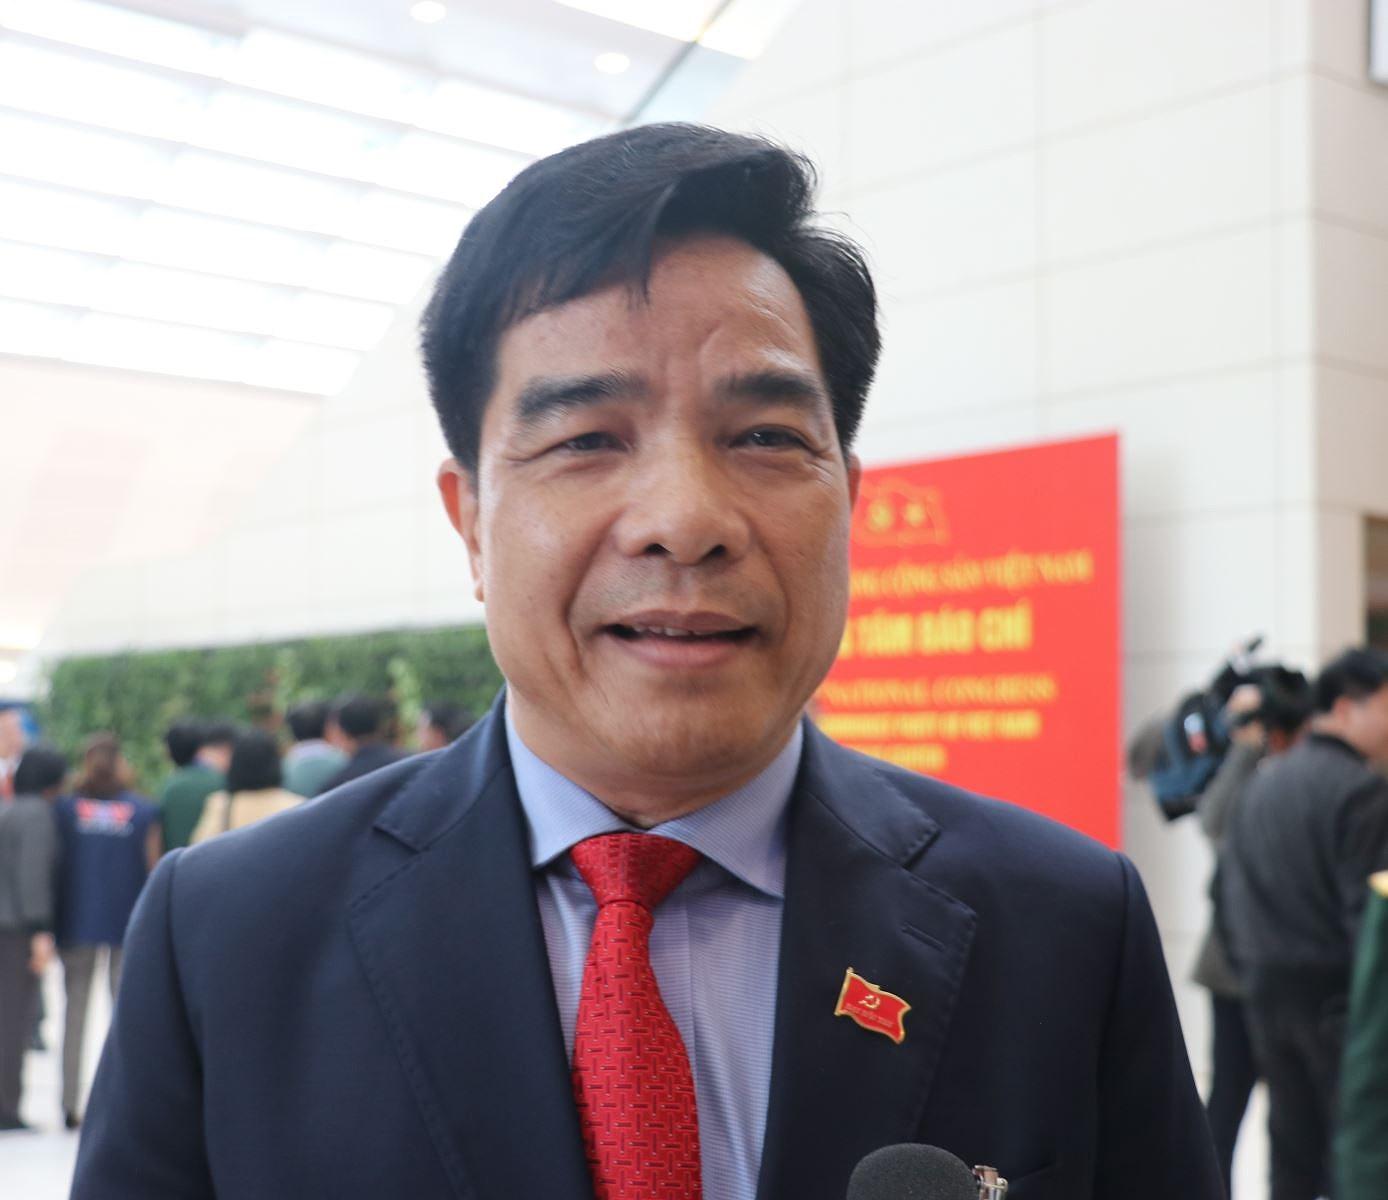 Tin chắc Việt Nam sẽ trở thành một nước phồn vinh và hạnh phúc 1